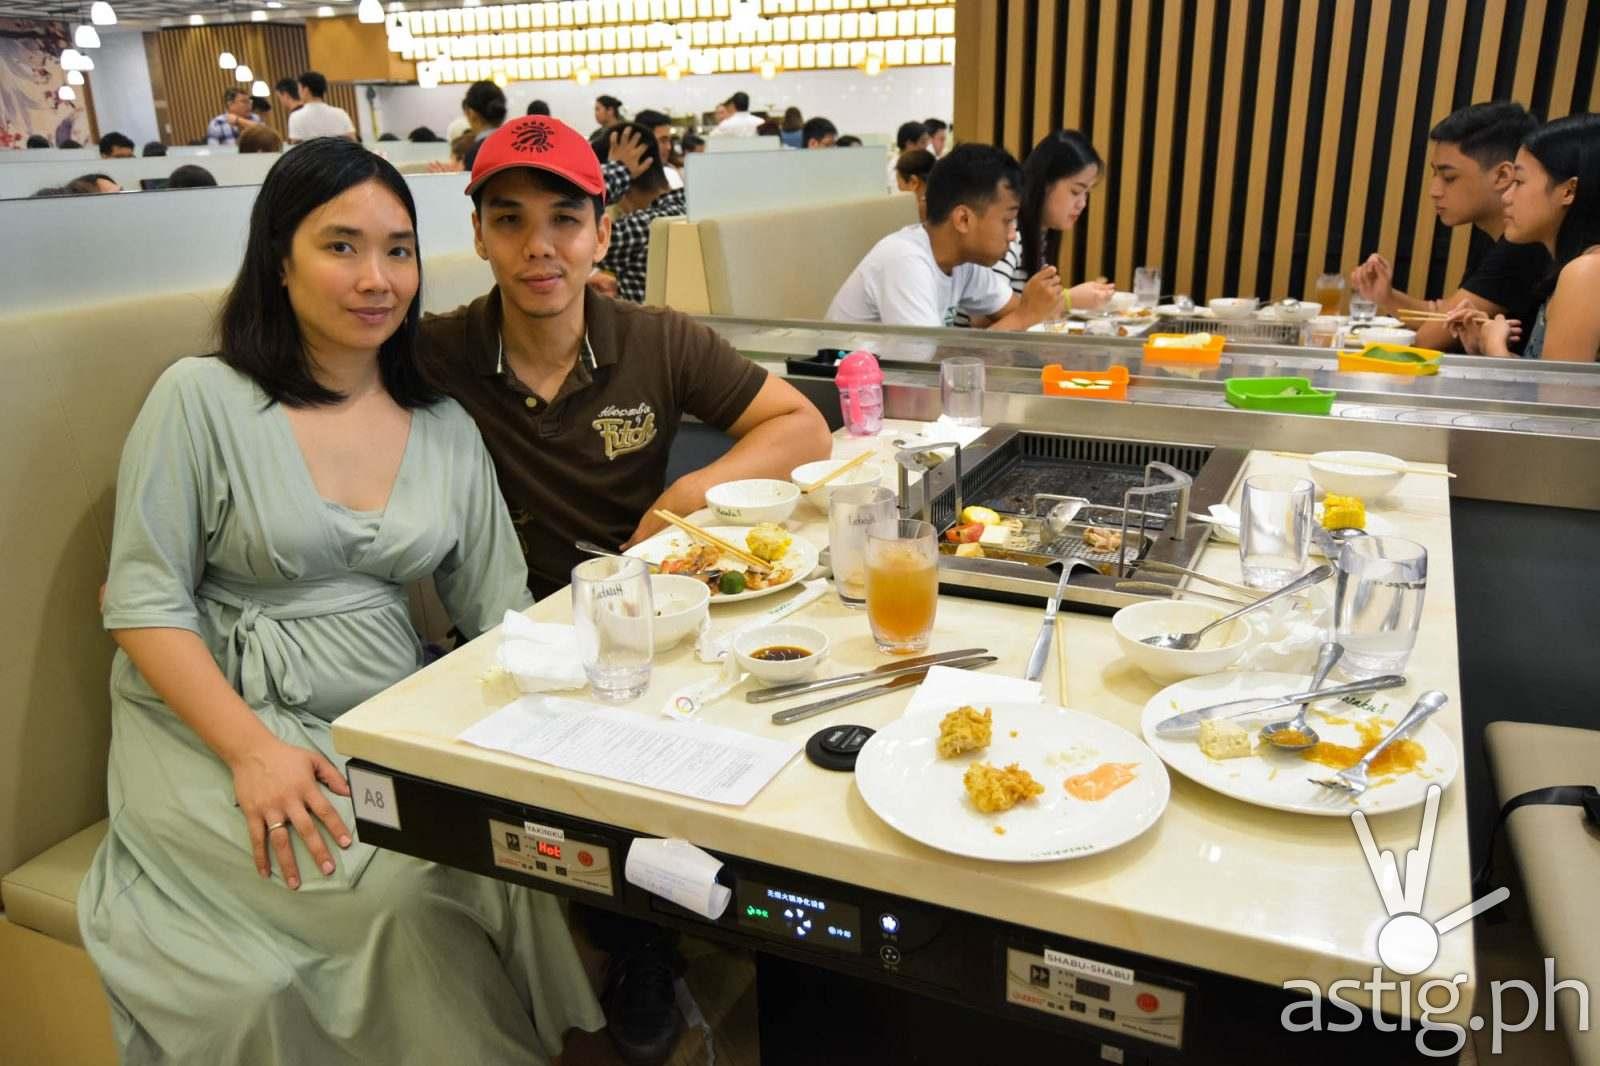 Den Kax - Hosaku International Buffet Philippines SM North Tower 2